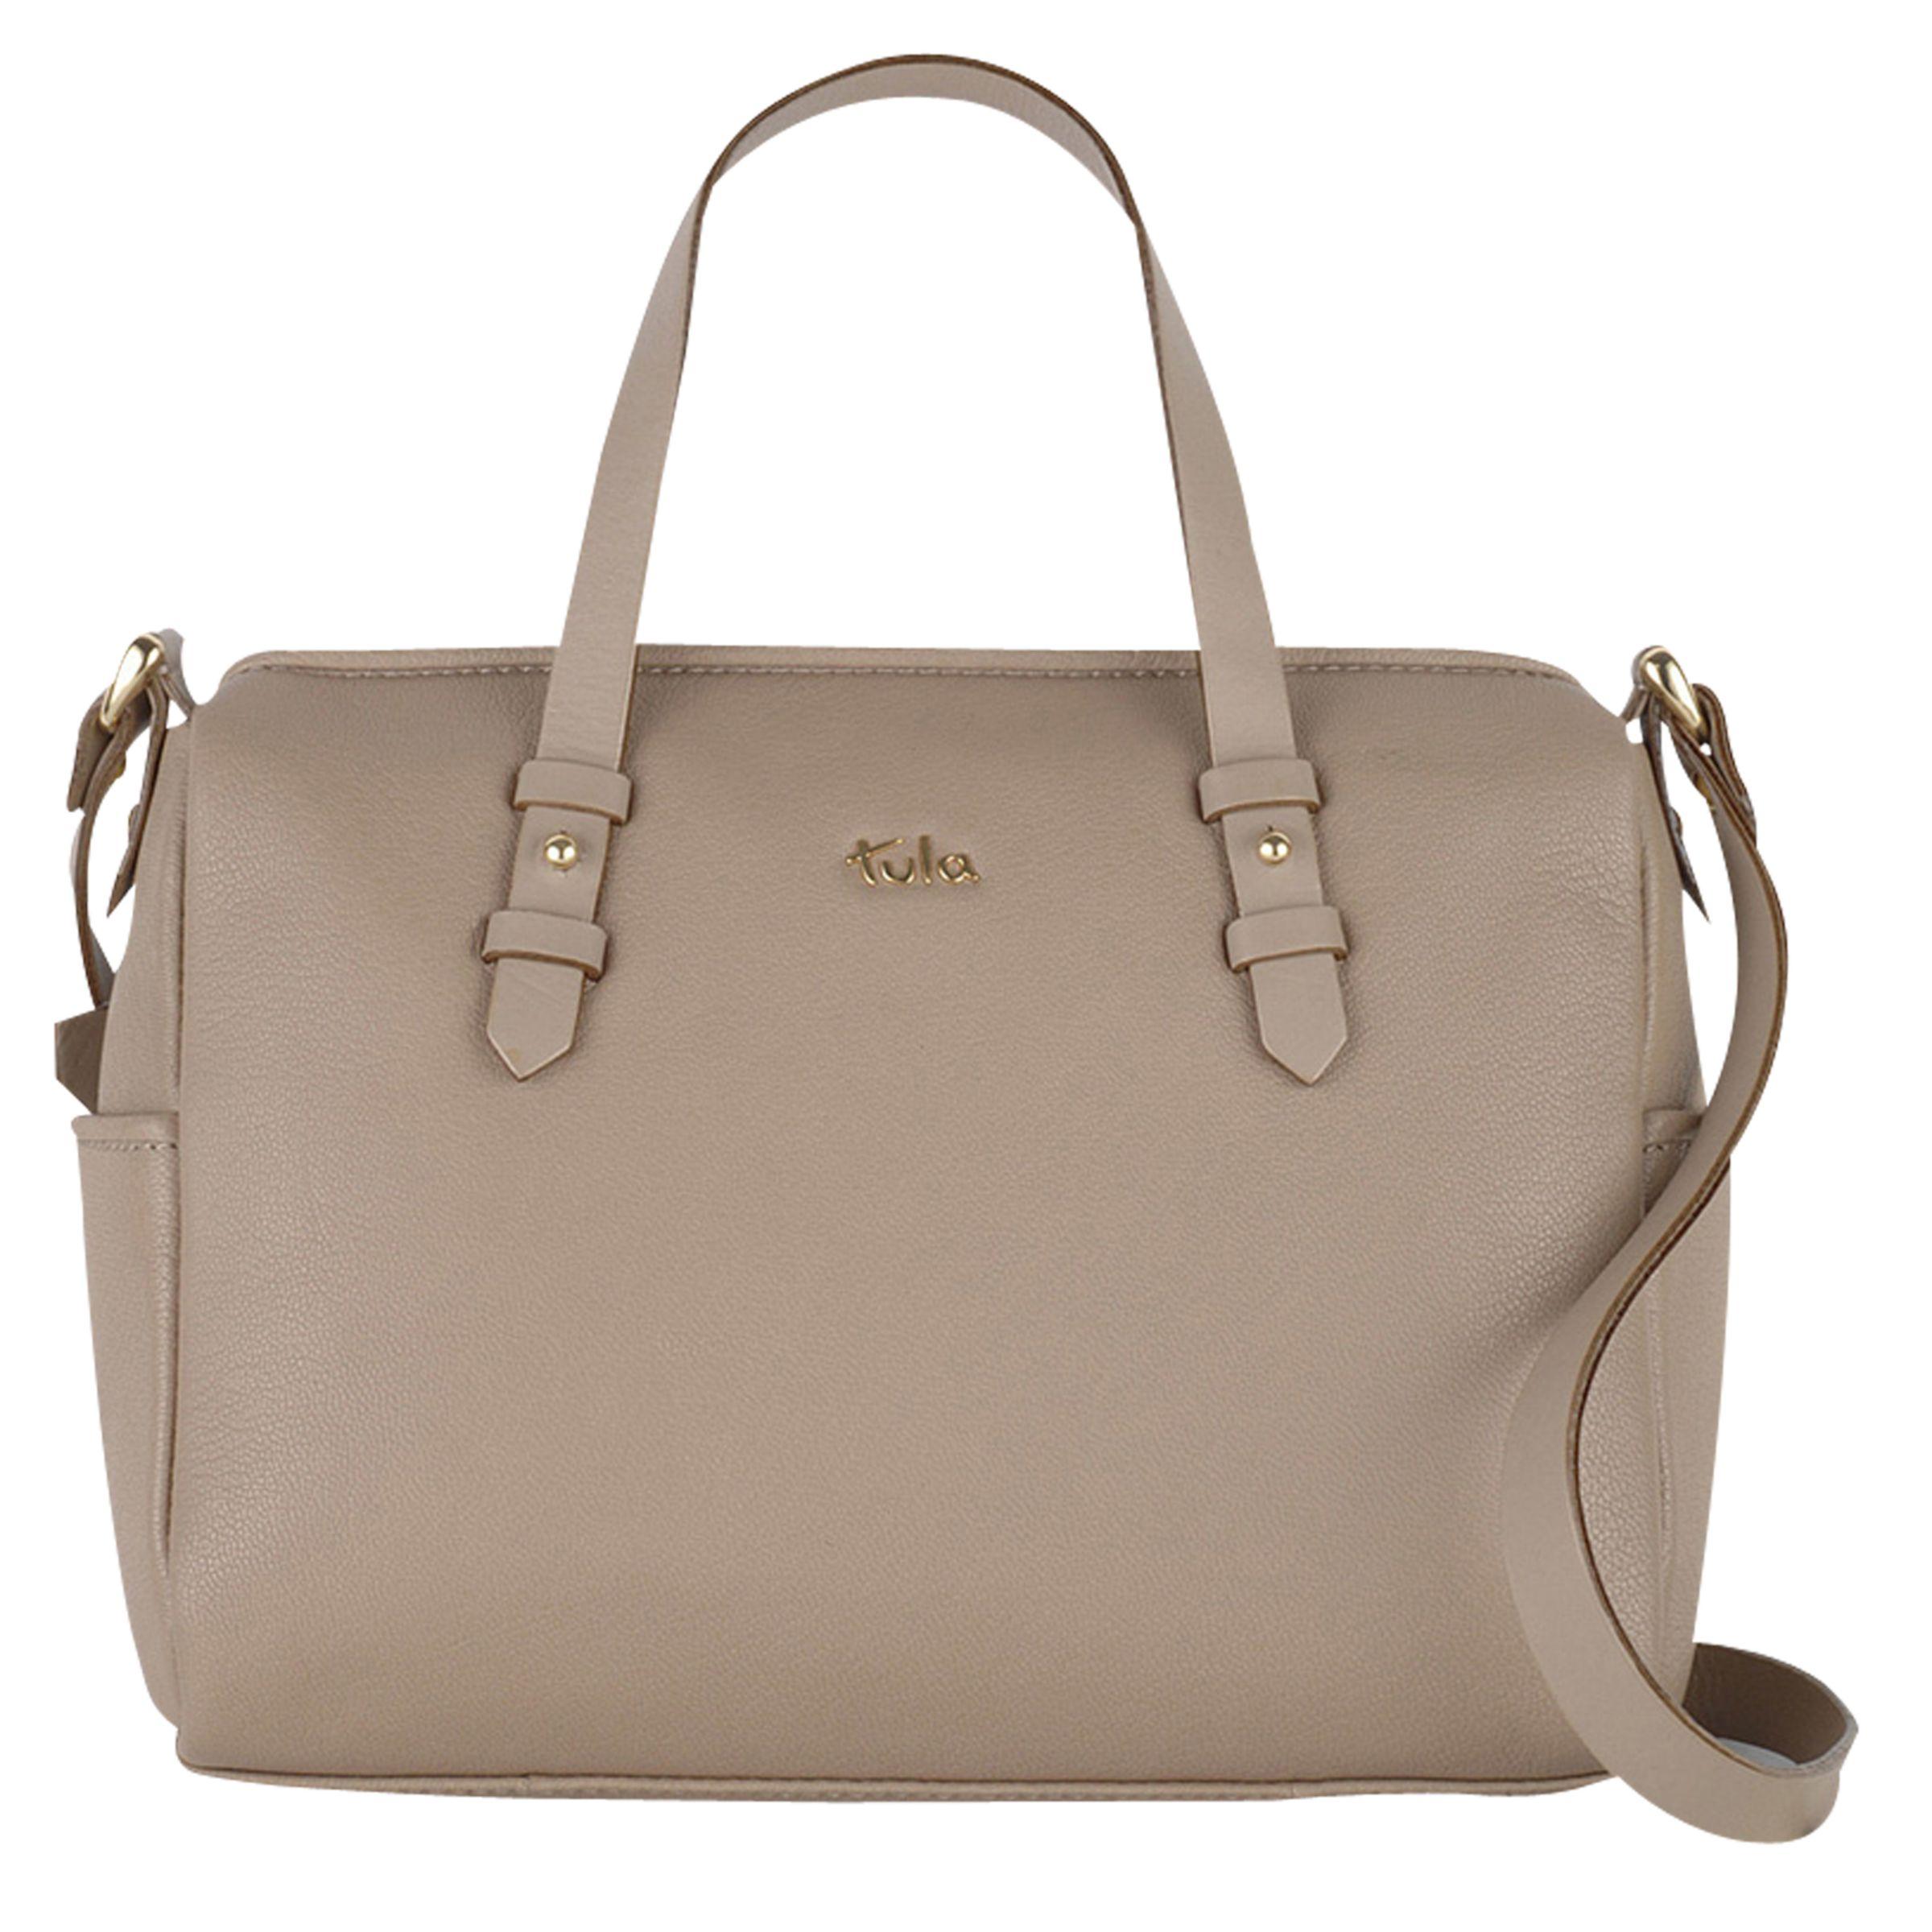 Tula Tula Alpine Originals Leather Medium Grab Bag